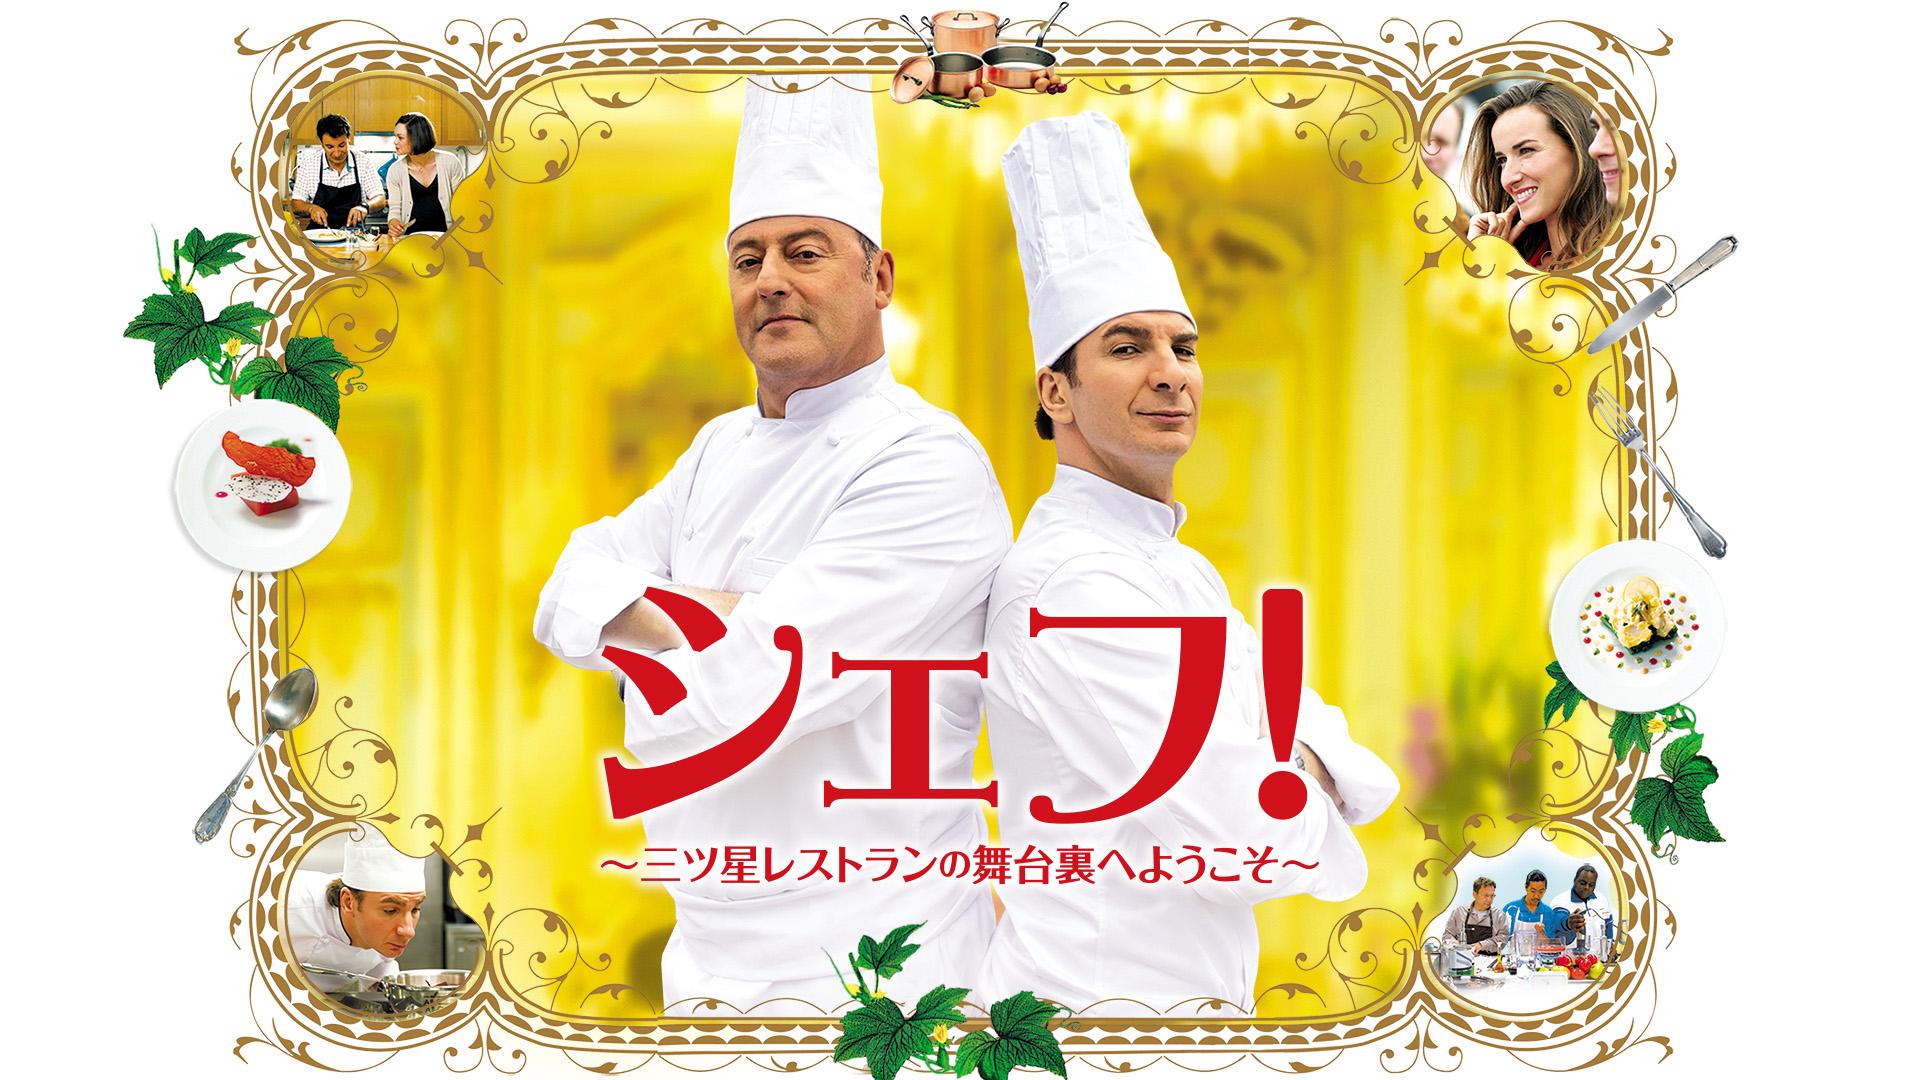 シェフ!〜三ツ星レストランの舞台裏へようこそ〜 (吹替版)